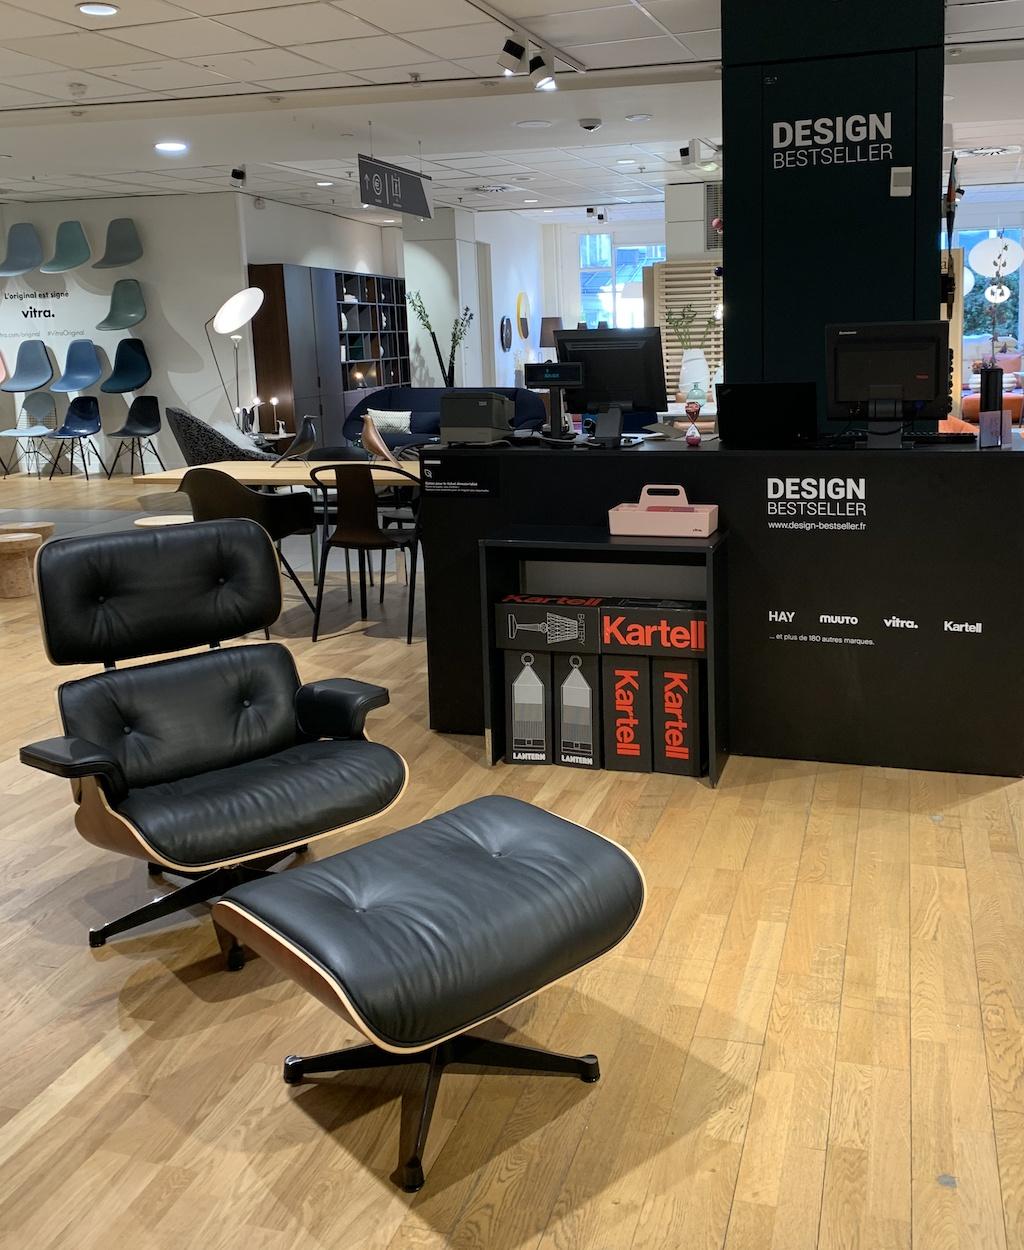 Lounge Chair und Ottomane von Vitra in schwarzem Leder vor schranzem Kassentresen